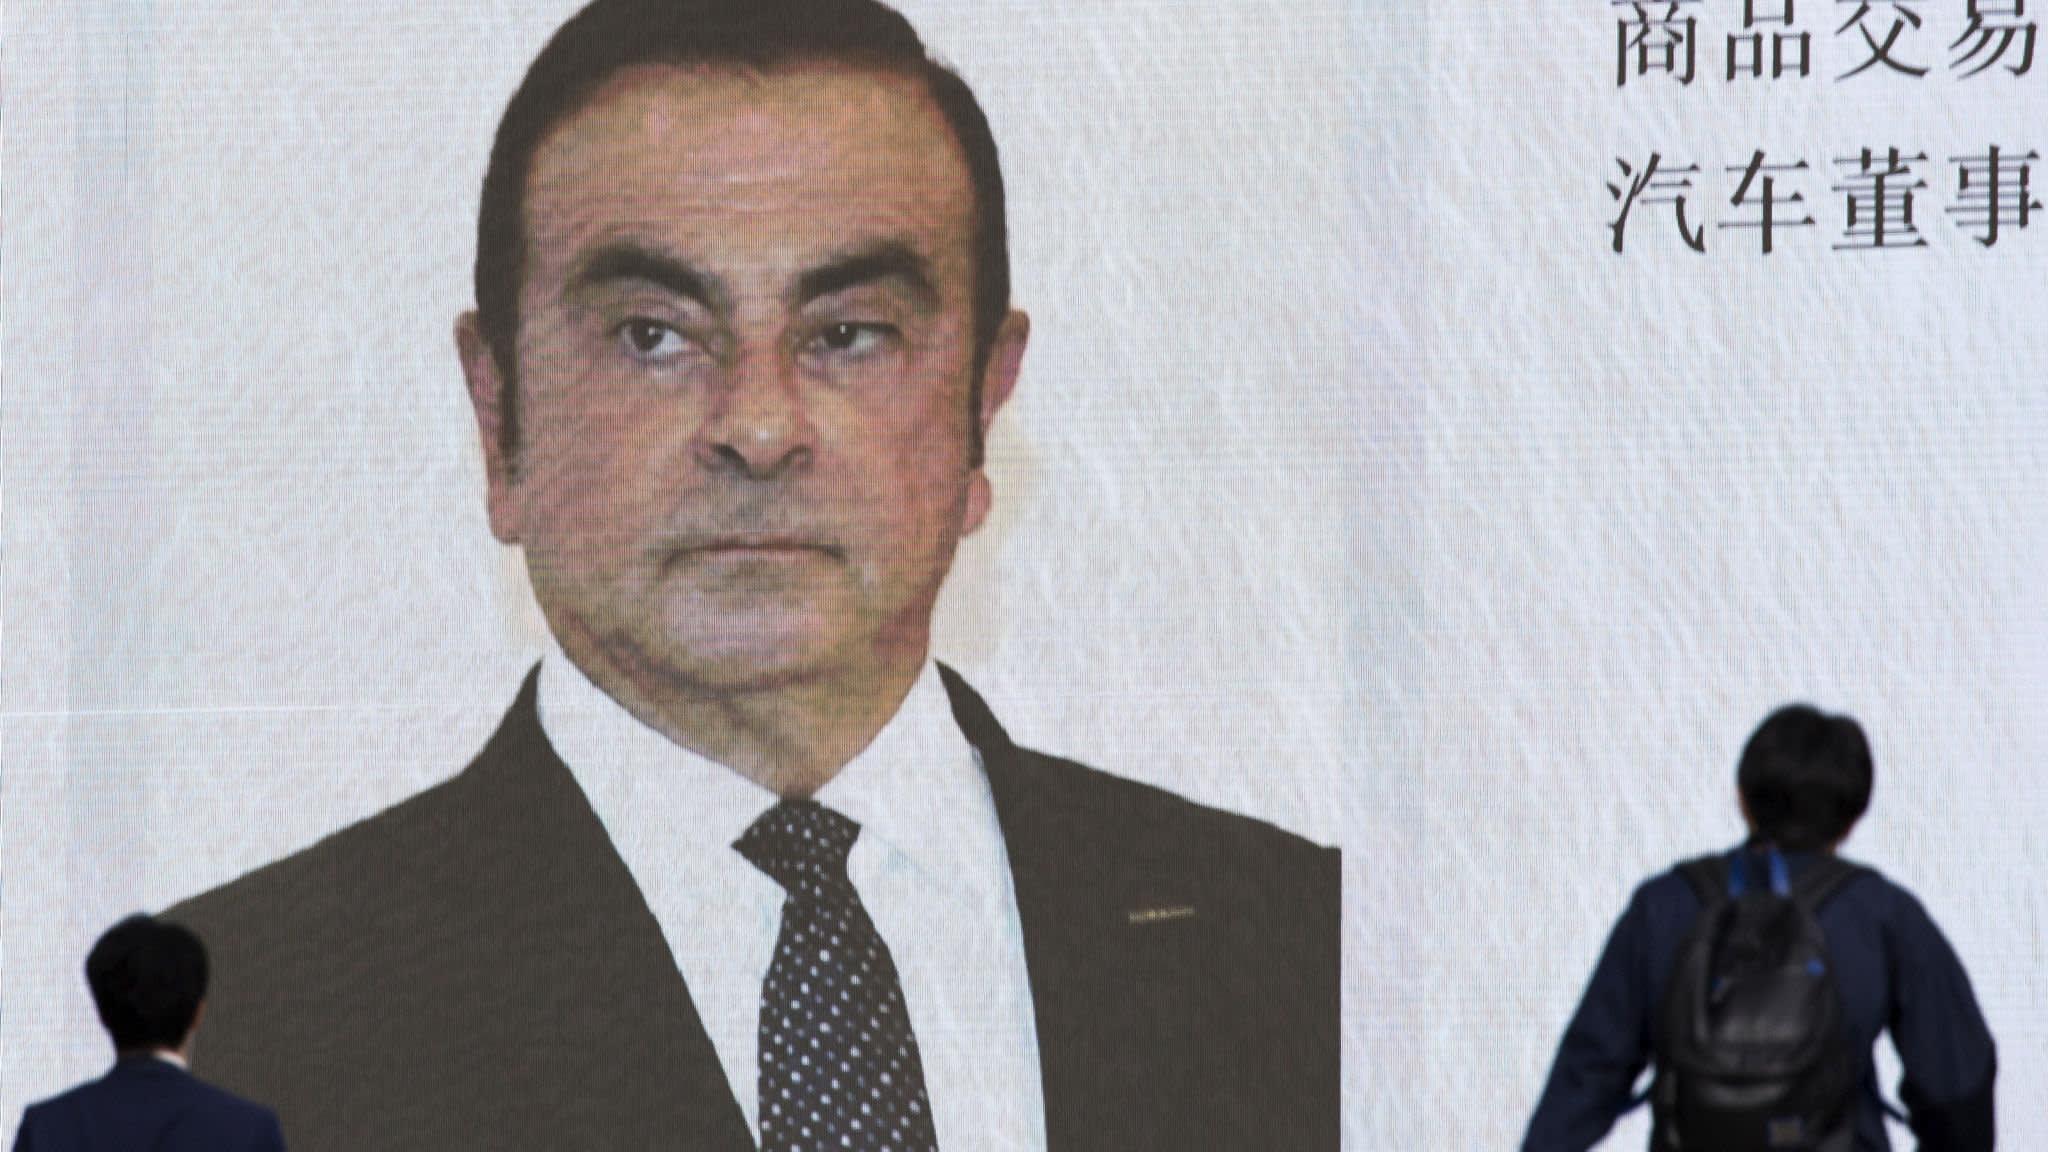 Ghosn arrest shines light on Japan's criminal justice system